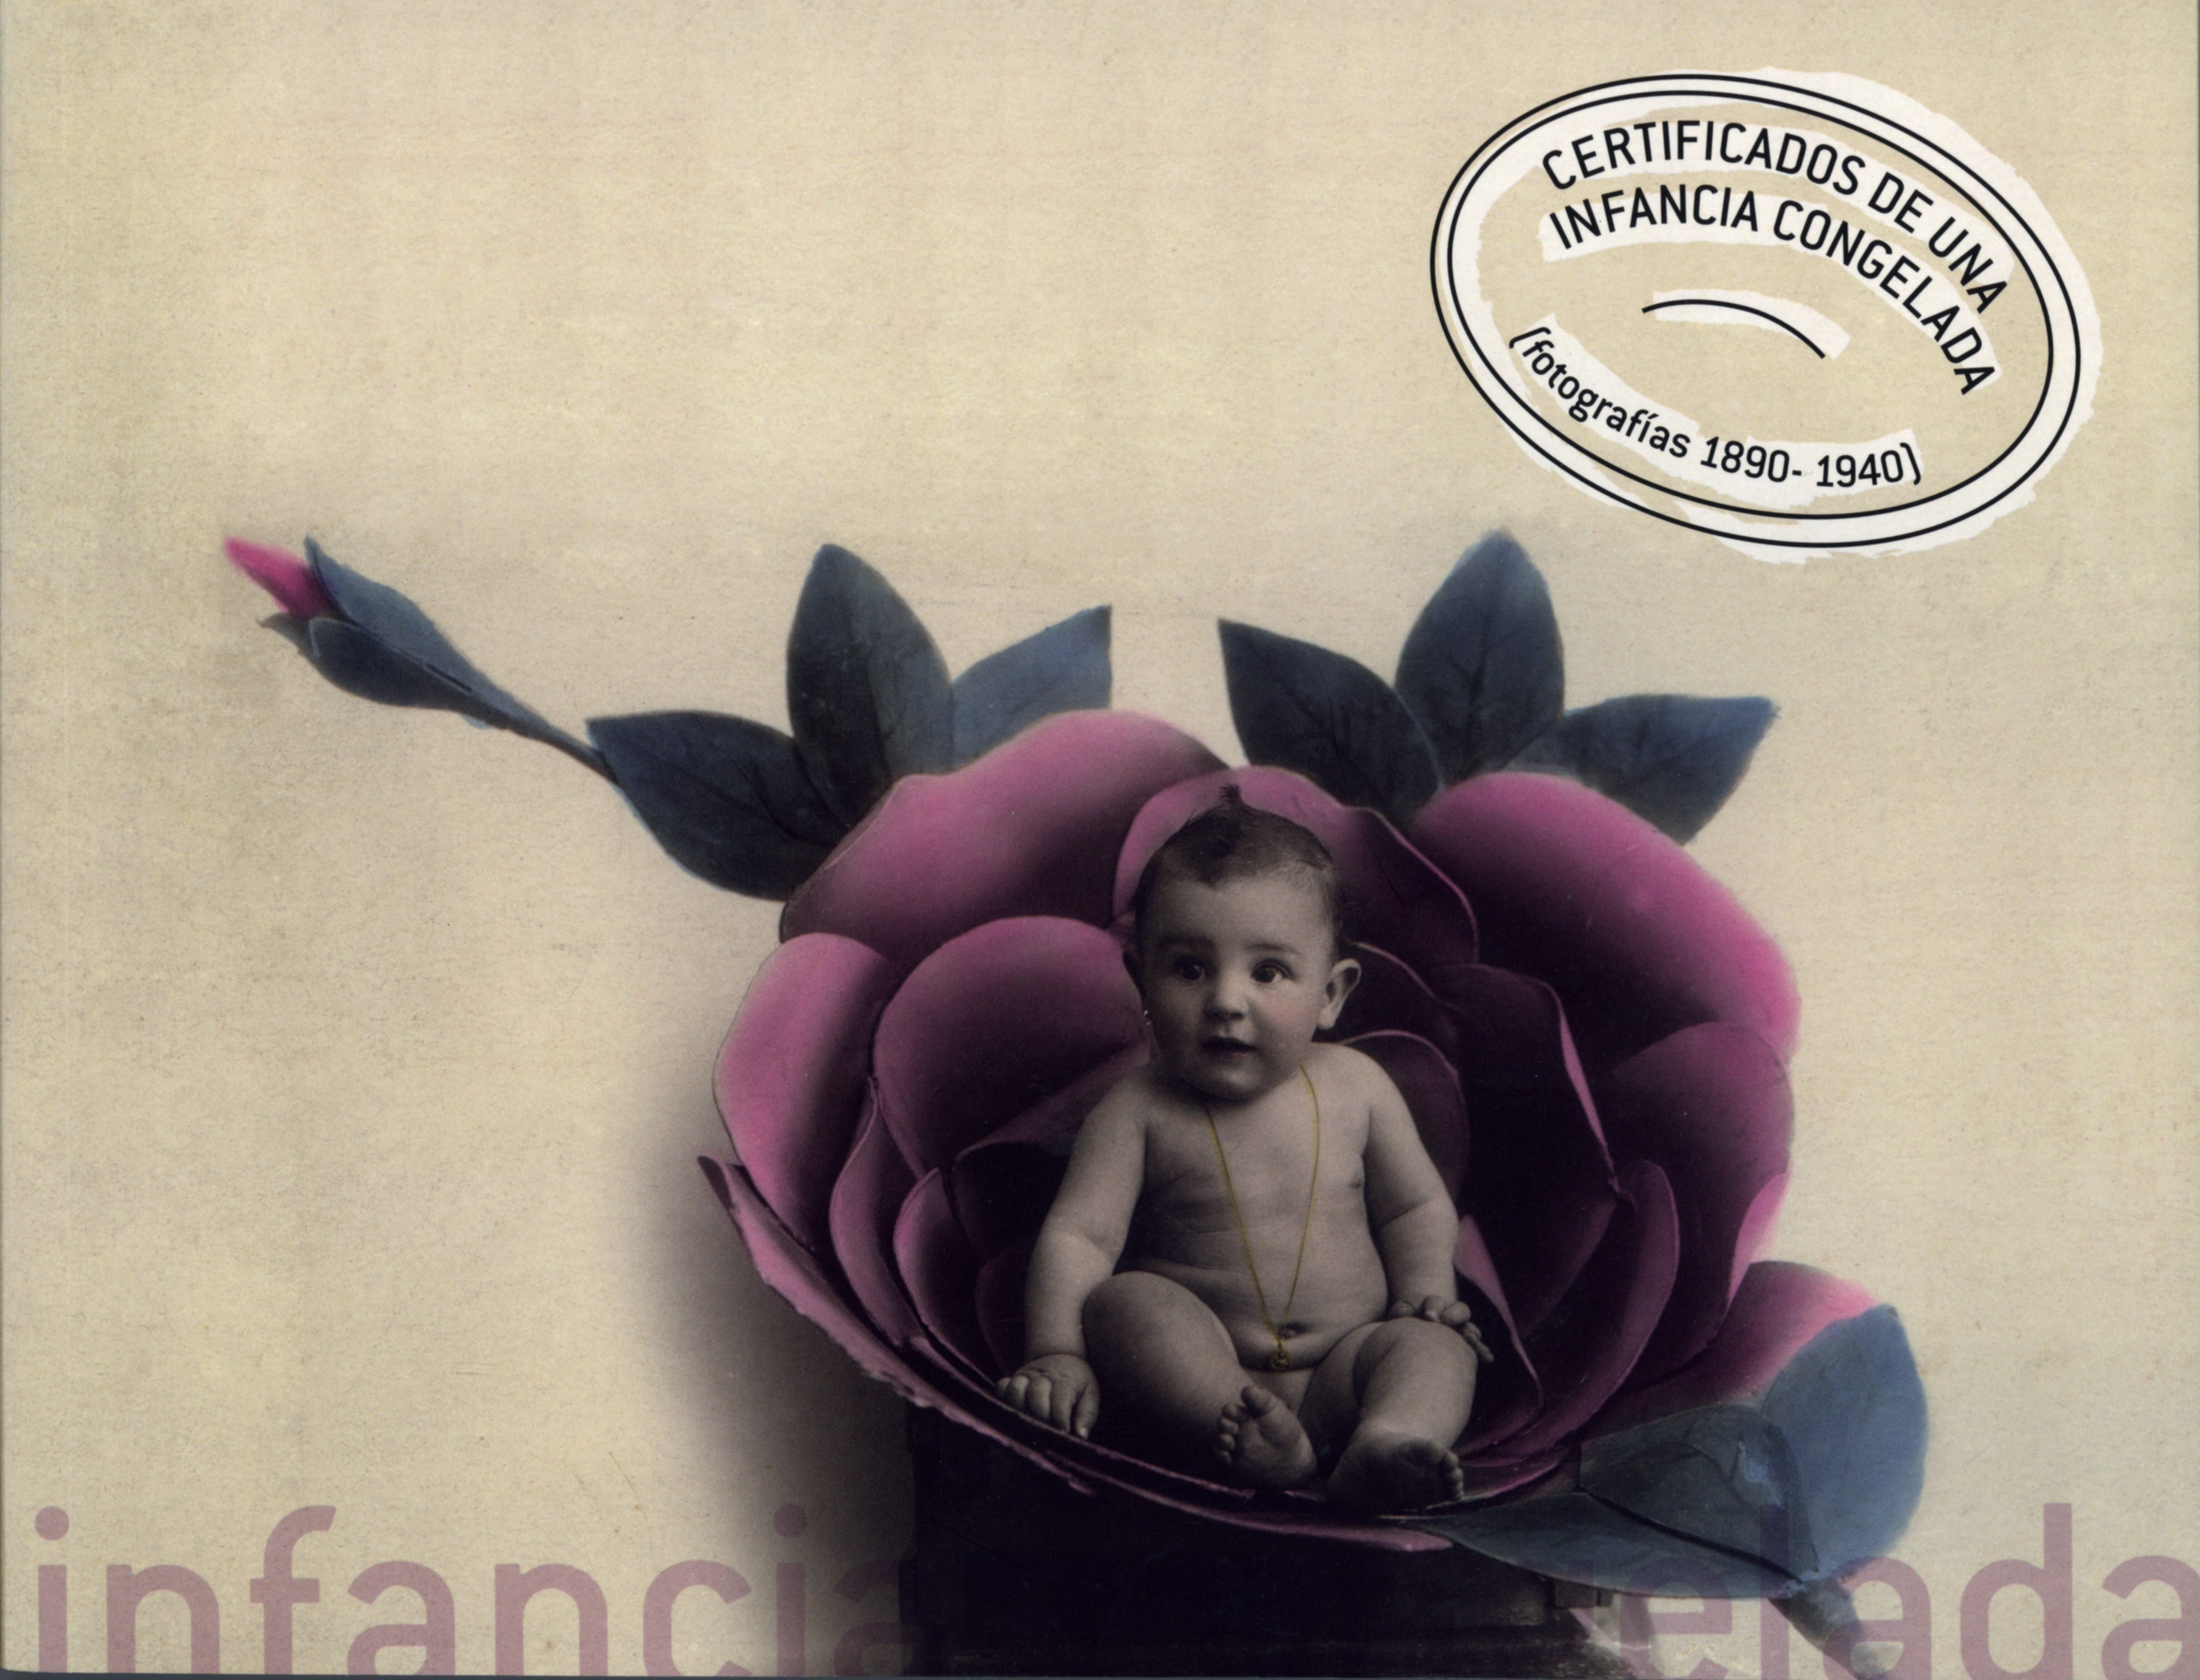 Certificados De Una Infancia Congelada (fotografias 1890-1940) - Vv.aa.